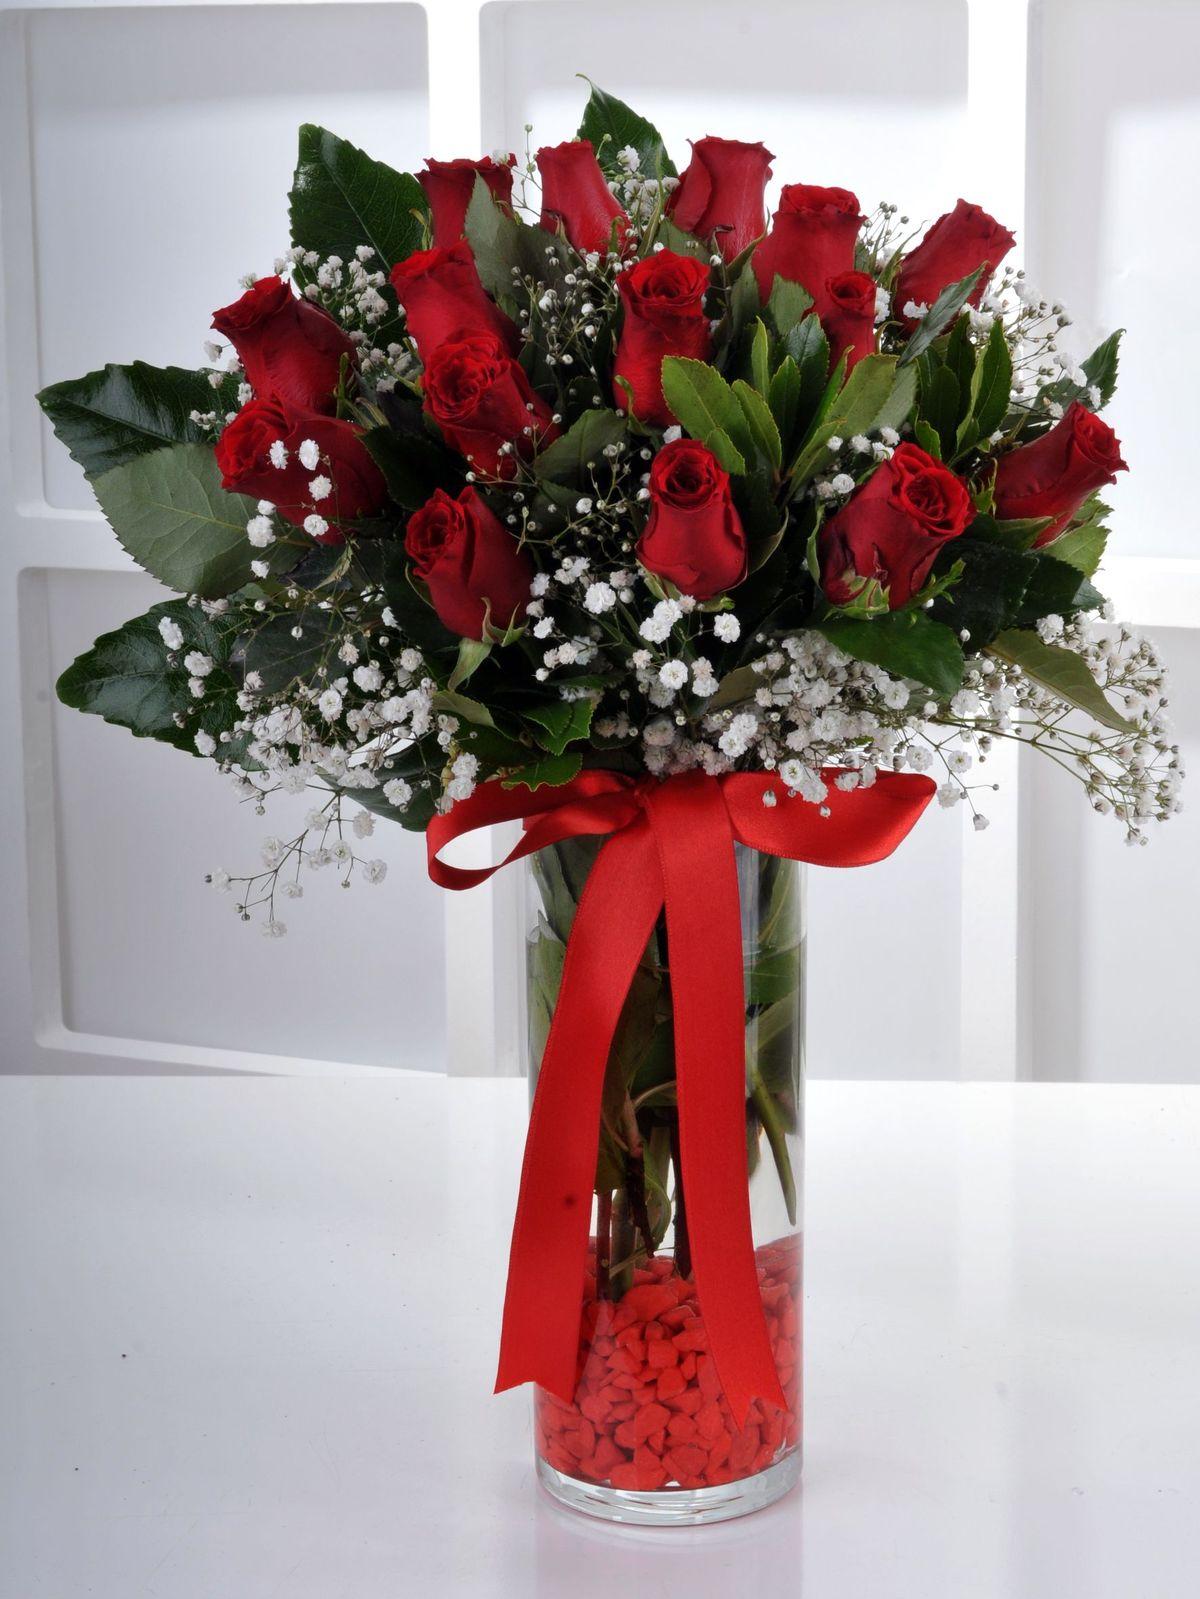 Kızıl Melodi 15 Kırmızı Gül Çiçek Arajmanı  çiçek gönder